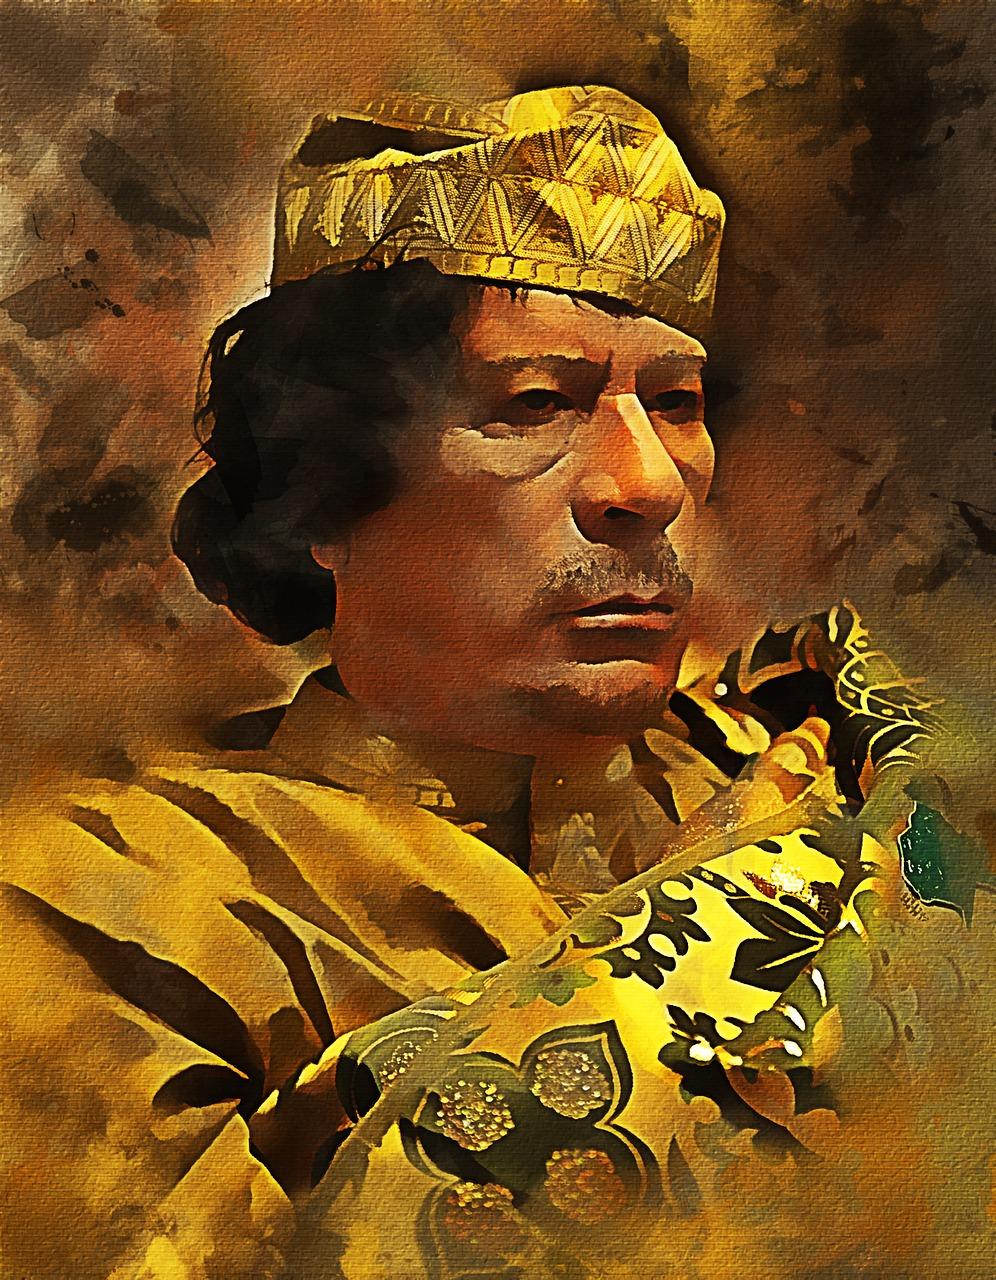 """Muammar Muhammad Abdassalam Abu Minyar al-Gaddafi    ermordet von NATO-Terroristen. """"Statt die politische Macht zu kontrollieren, statt Unrecht, Lüge und Heuchelei aufzuzeigen, begleiten die Medien wie Kriegstrommler die neuen Beutezüge der westlichen Welt"""", meint Karin Leukefeld."""